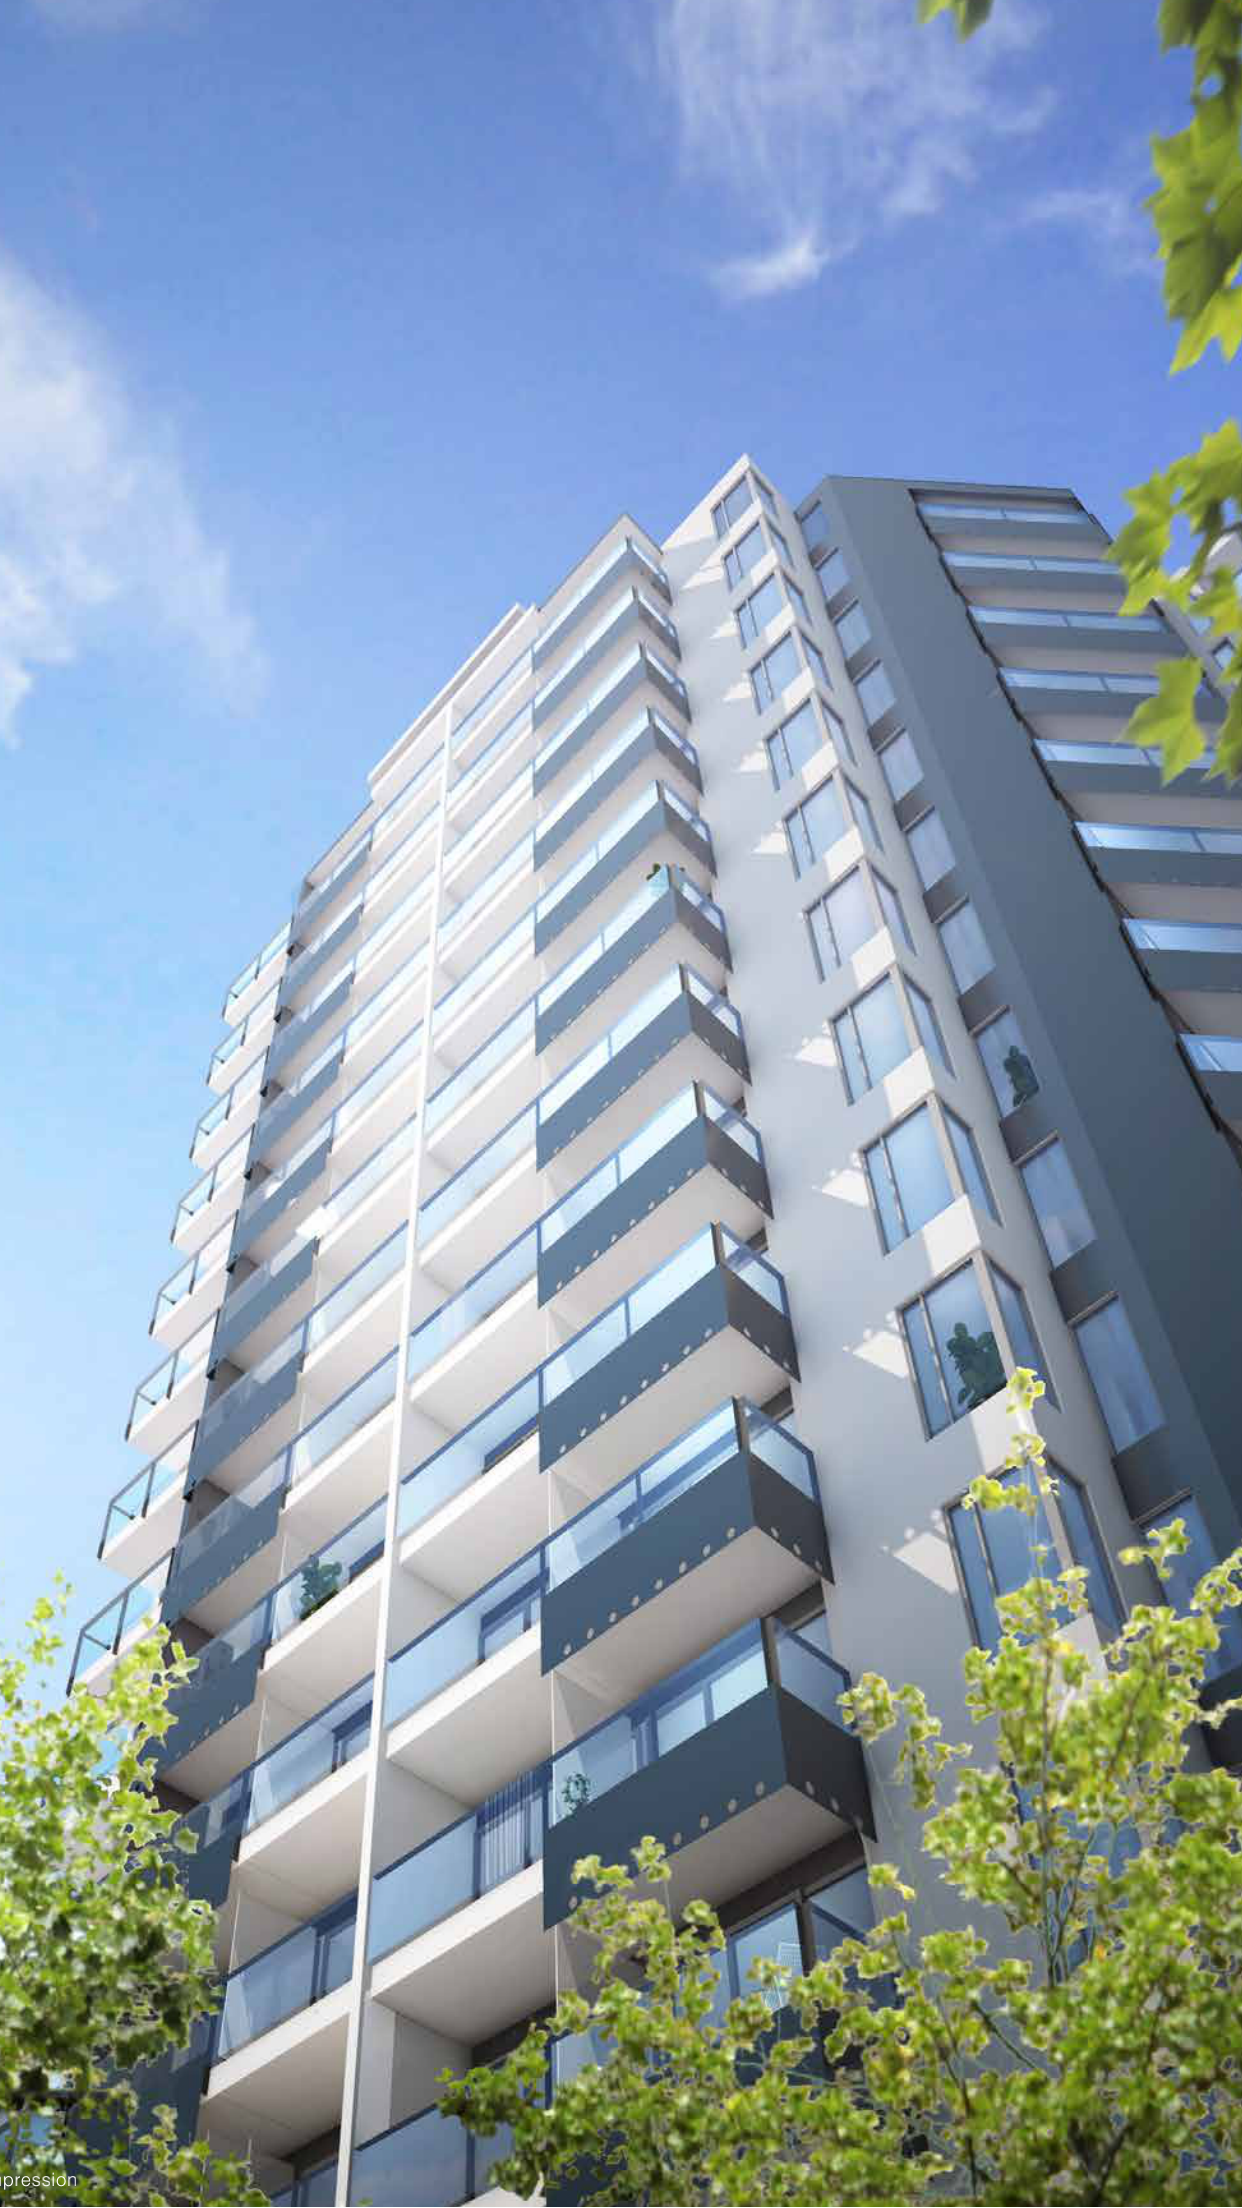 奥克兰Auckland 绿色家园文森特公寓 文化气息浓厚 知名建商 位置优越 生活便利